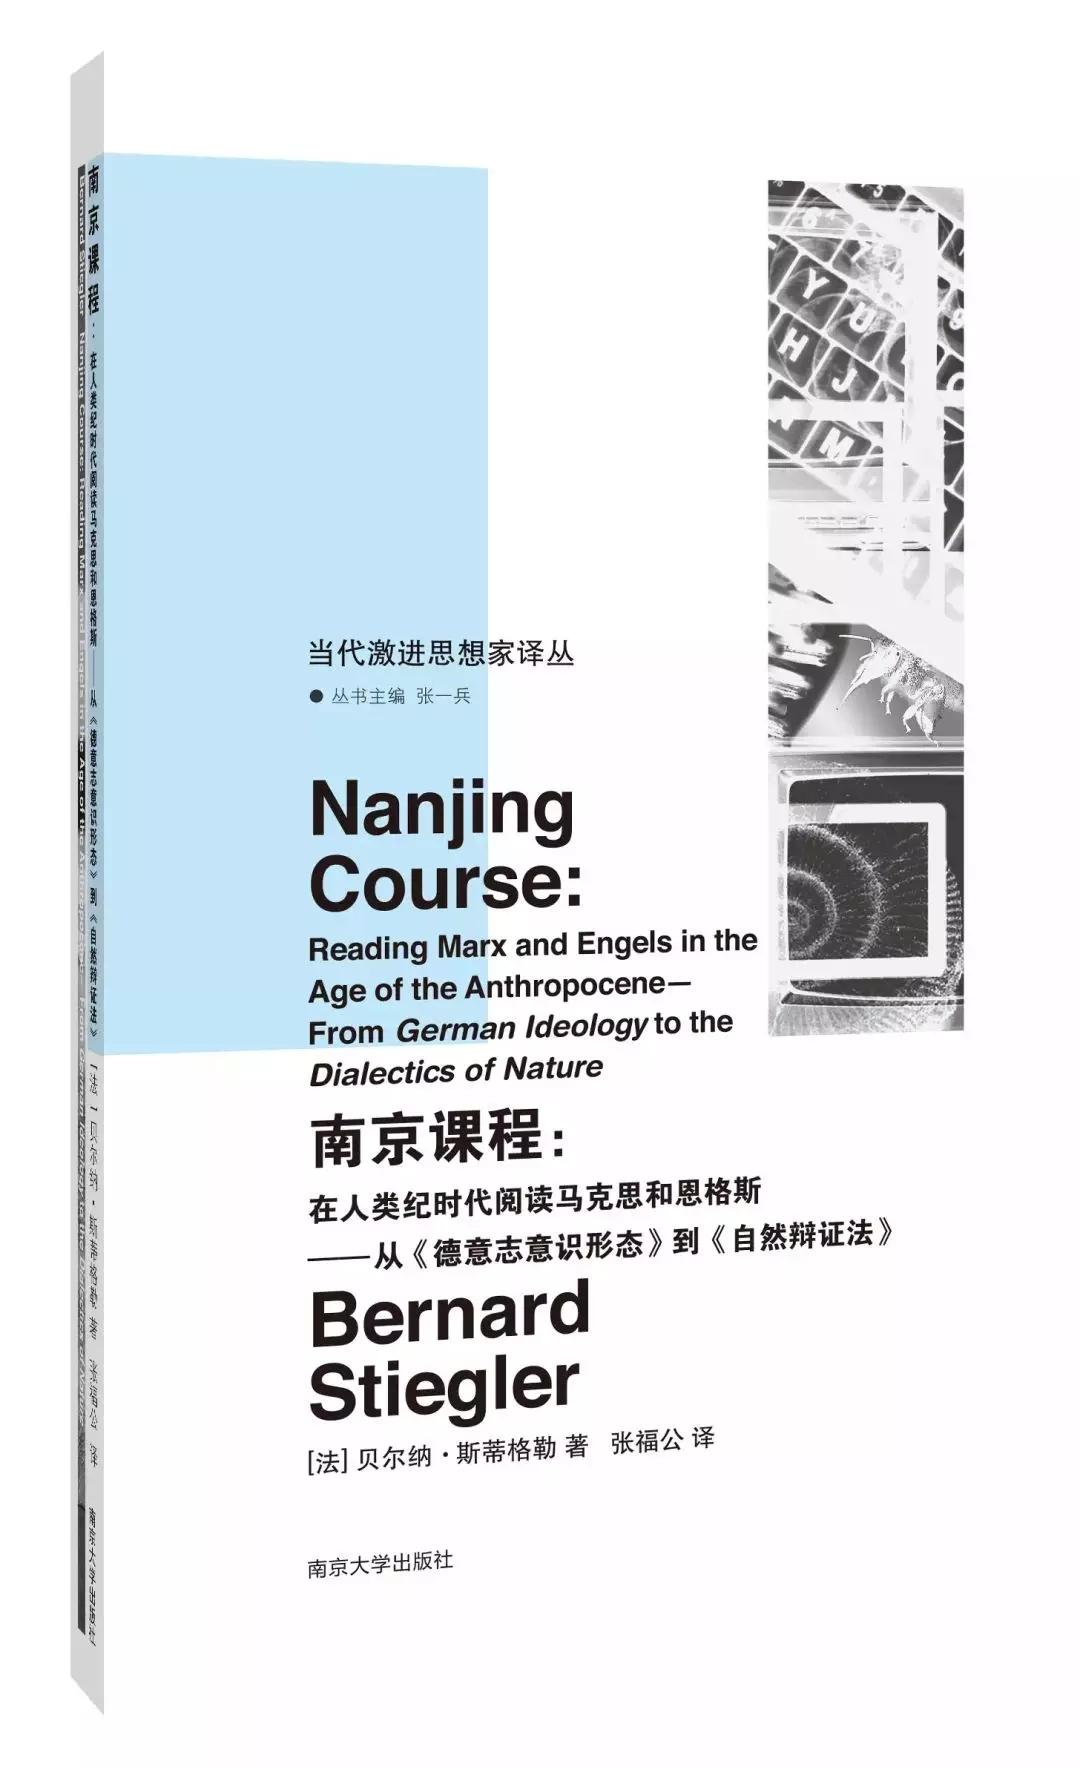 《南京课程:在人类纪时代阅读马克思和恩格斯——从〈德意志意识形态〉到〈自然辩证法〉》(图)